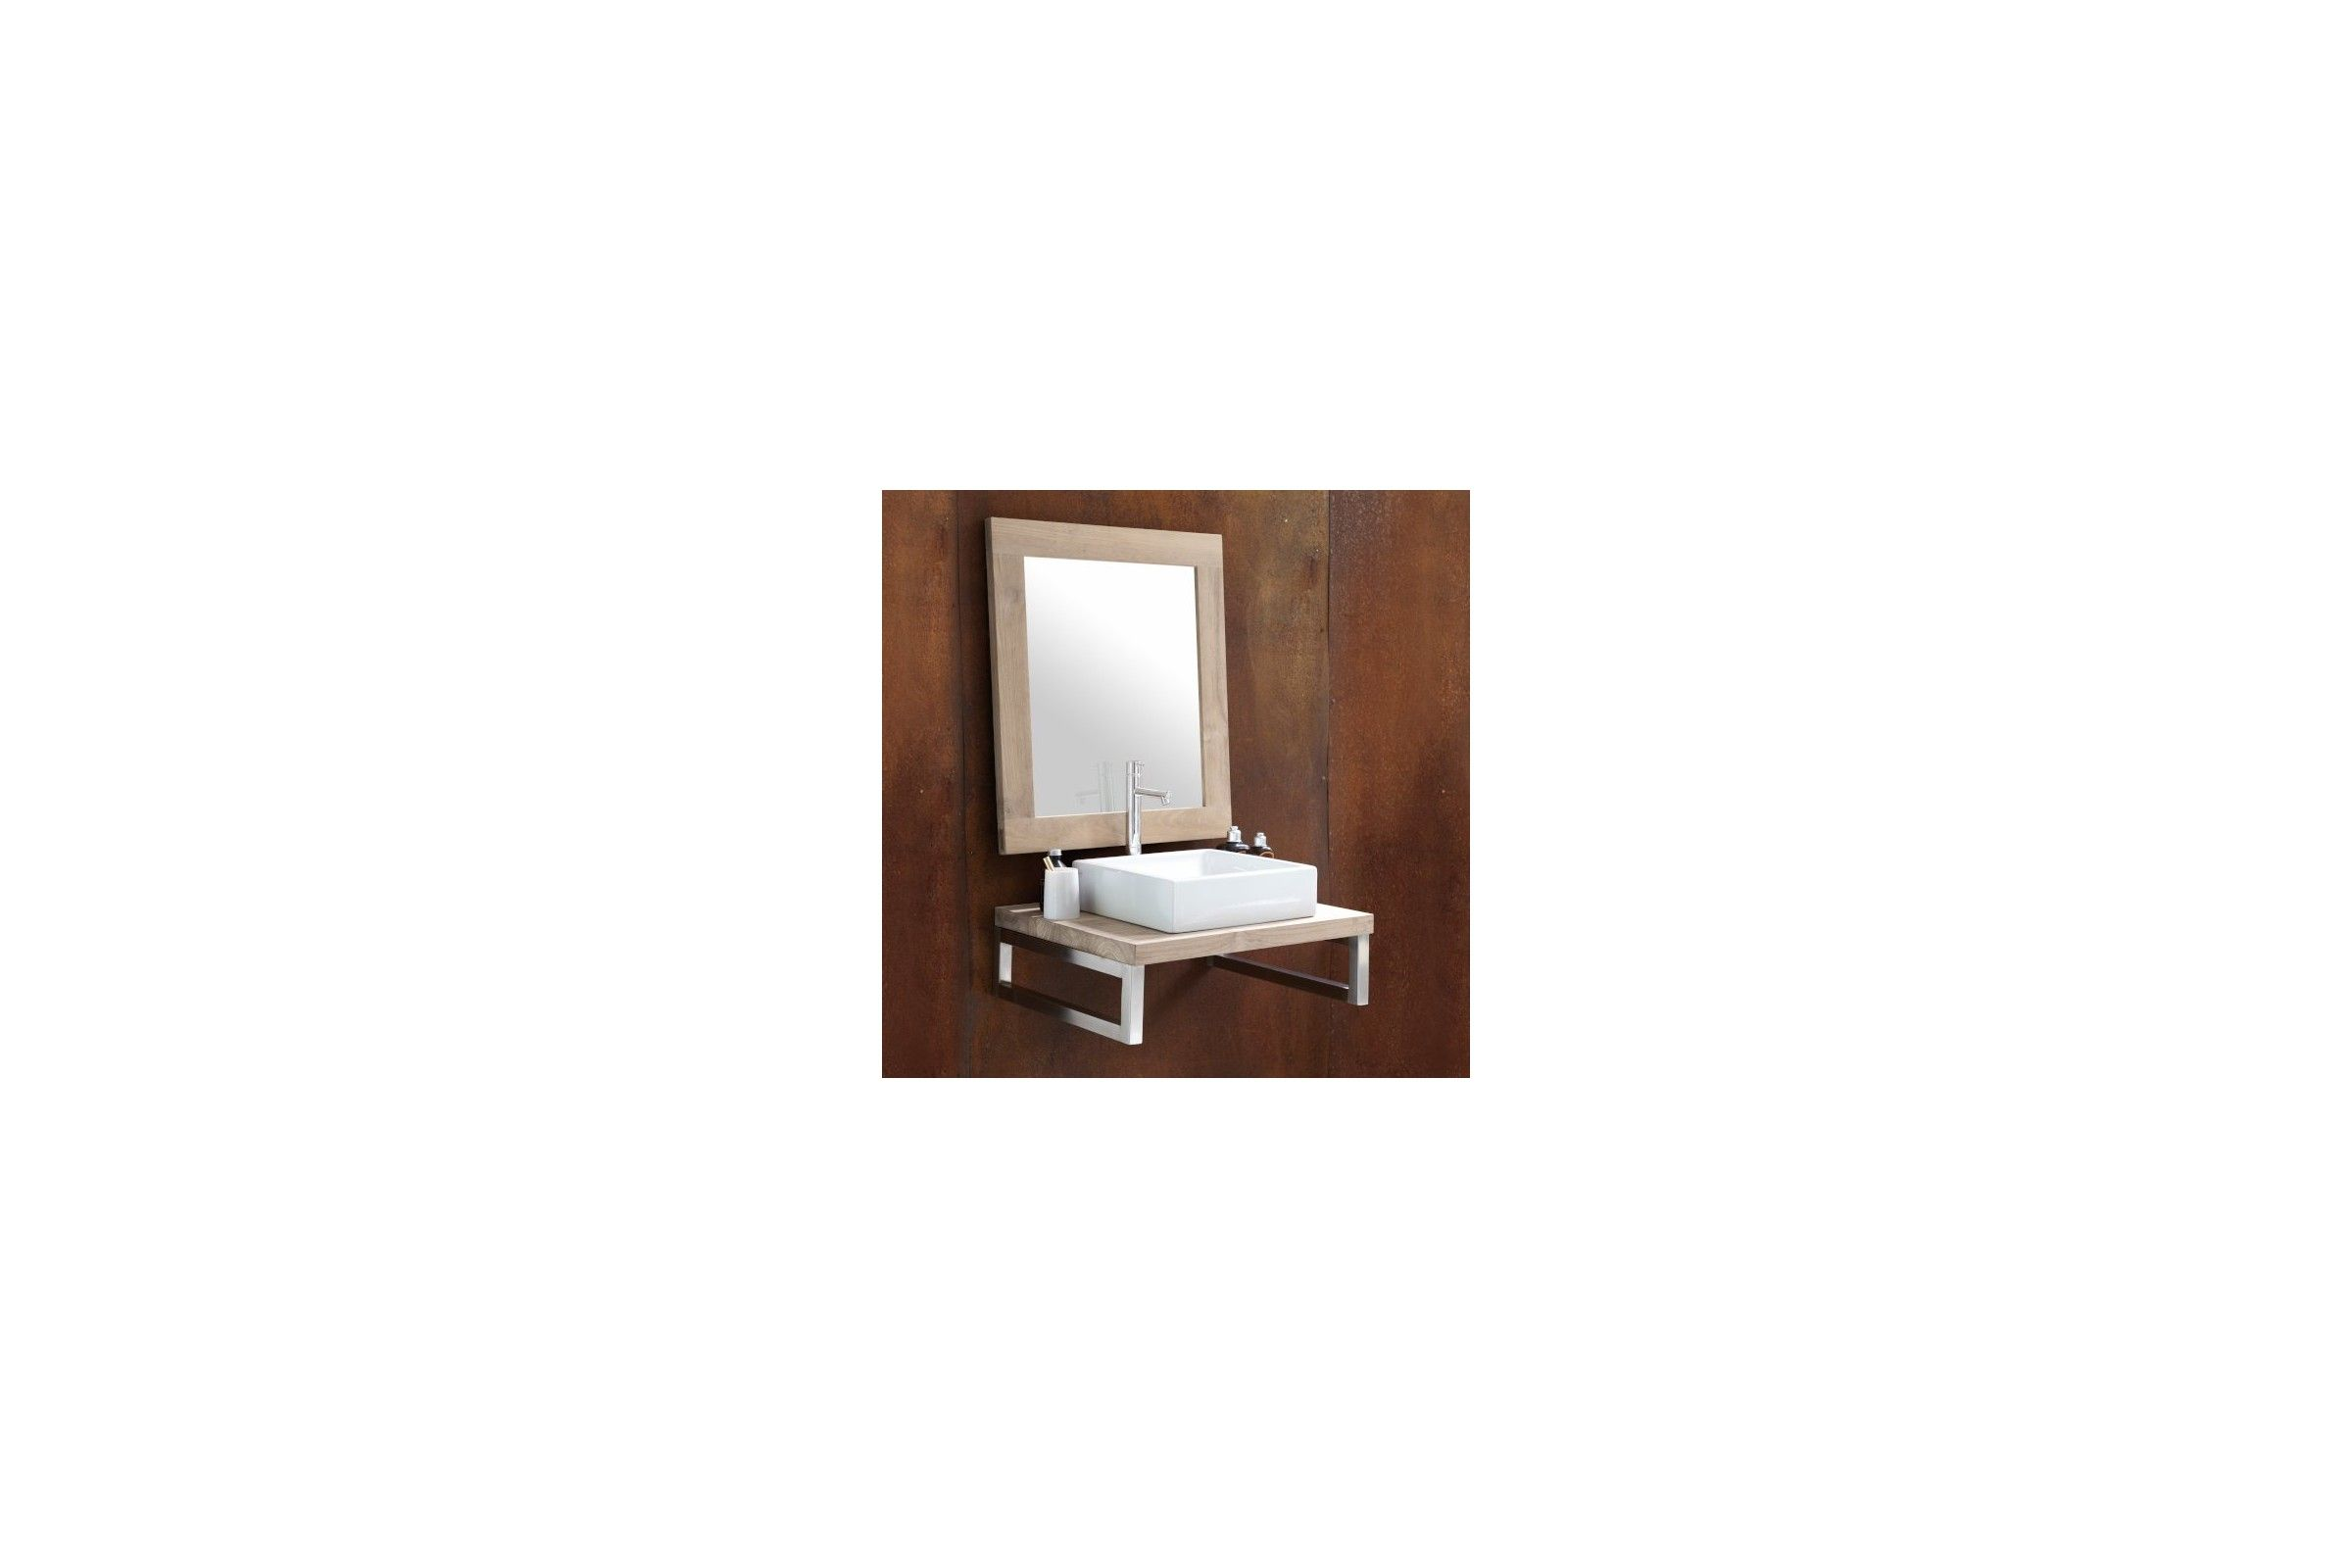 plan de toilette en ch ne massif sur mesure line art la galerie du teck. Black Bedroom Furniture Sets. Home Design Ideas